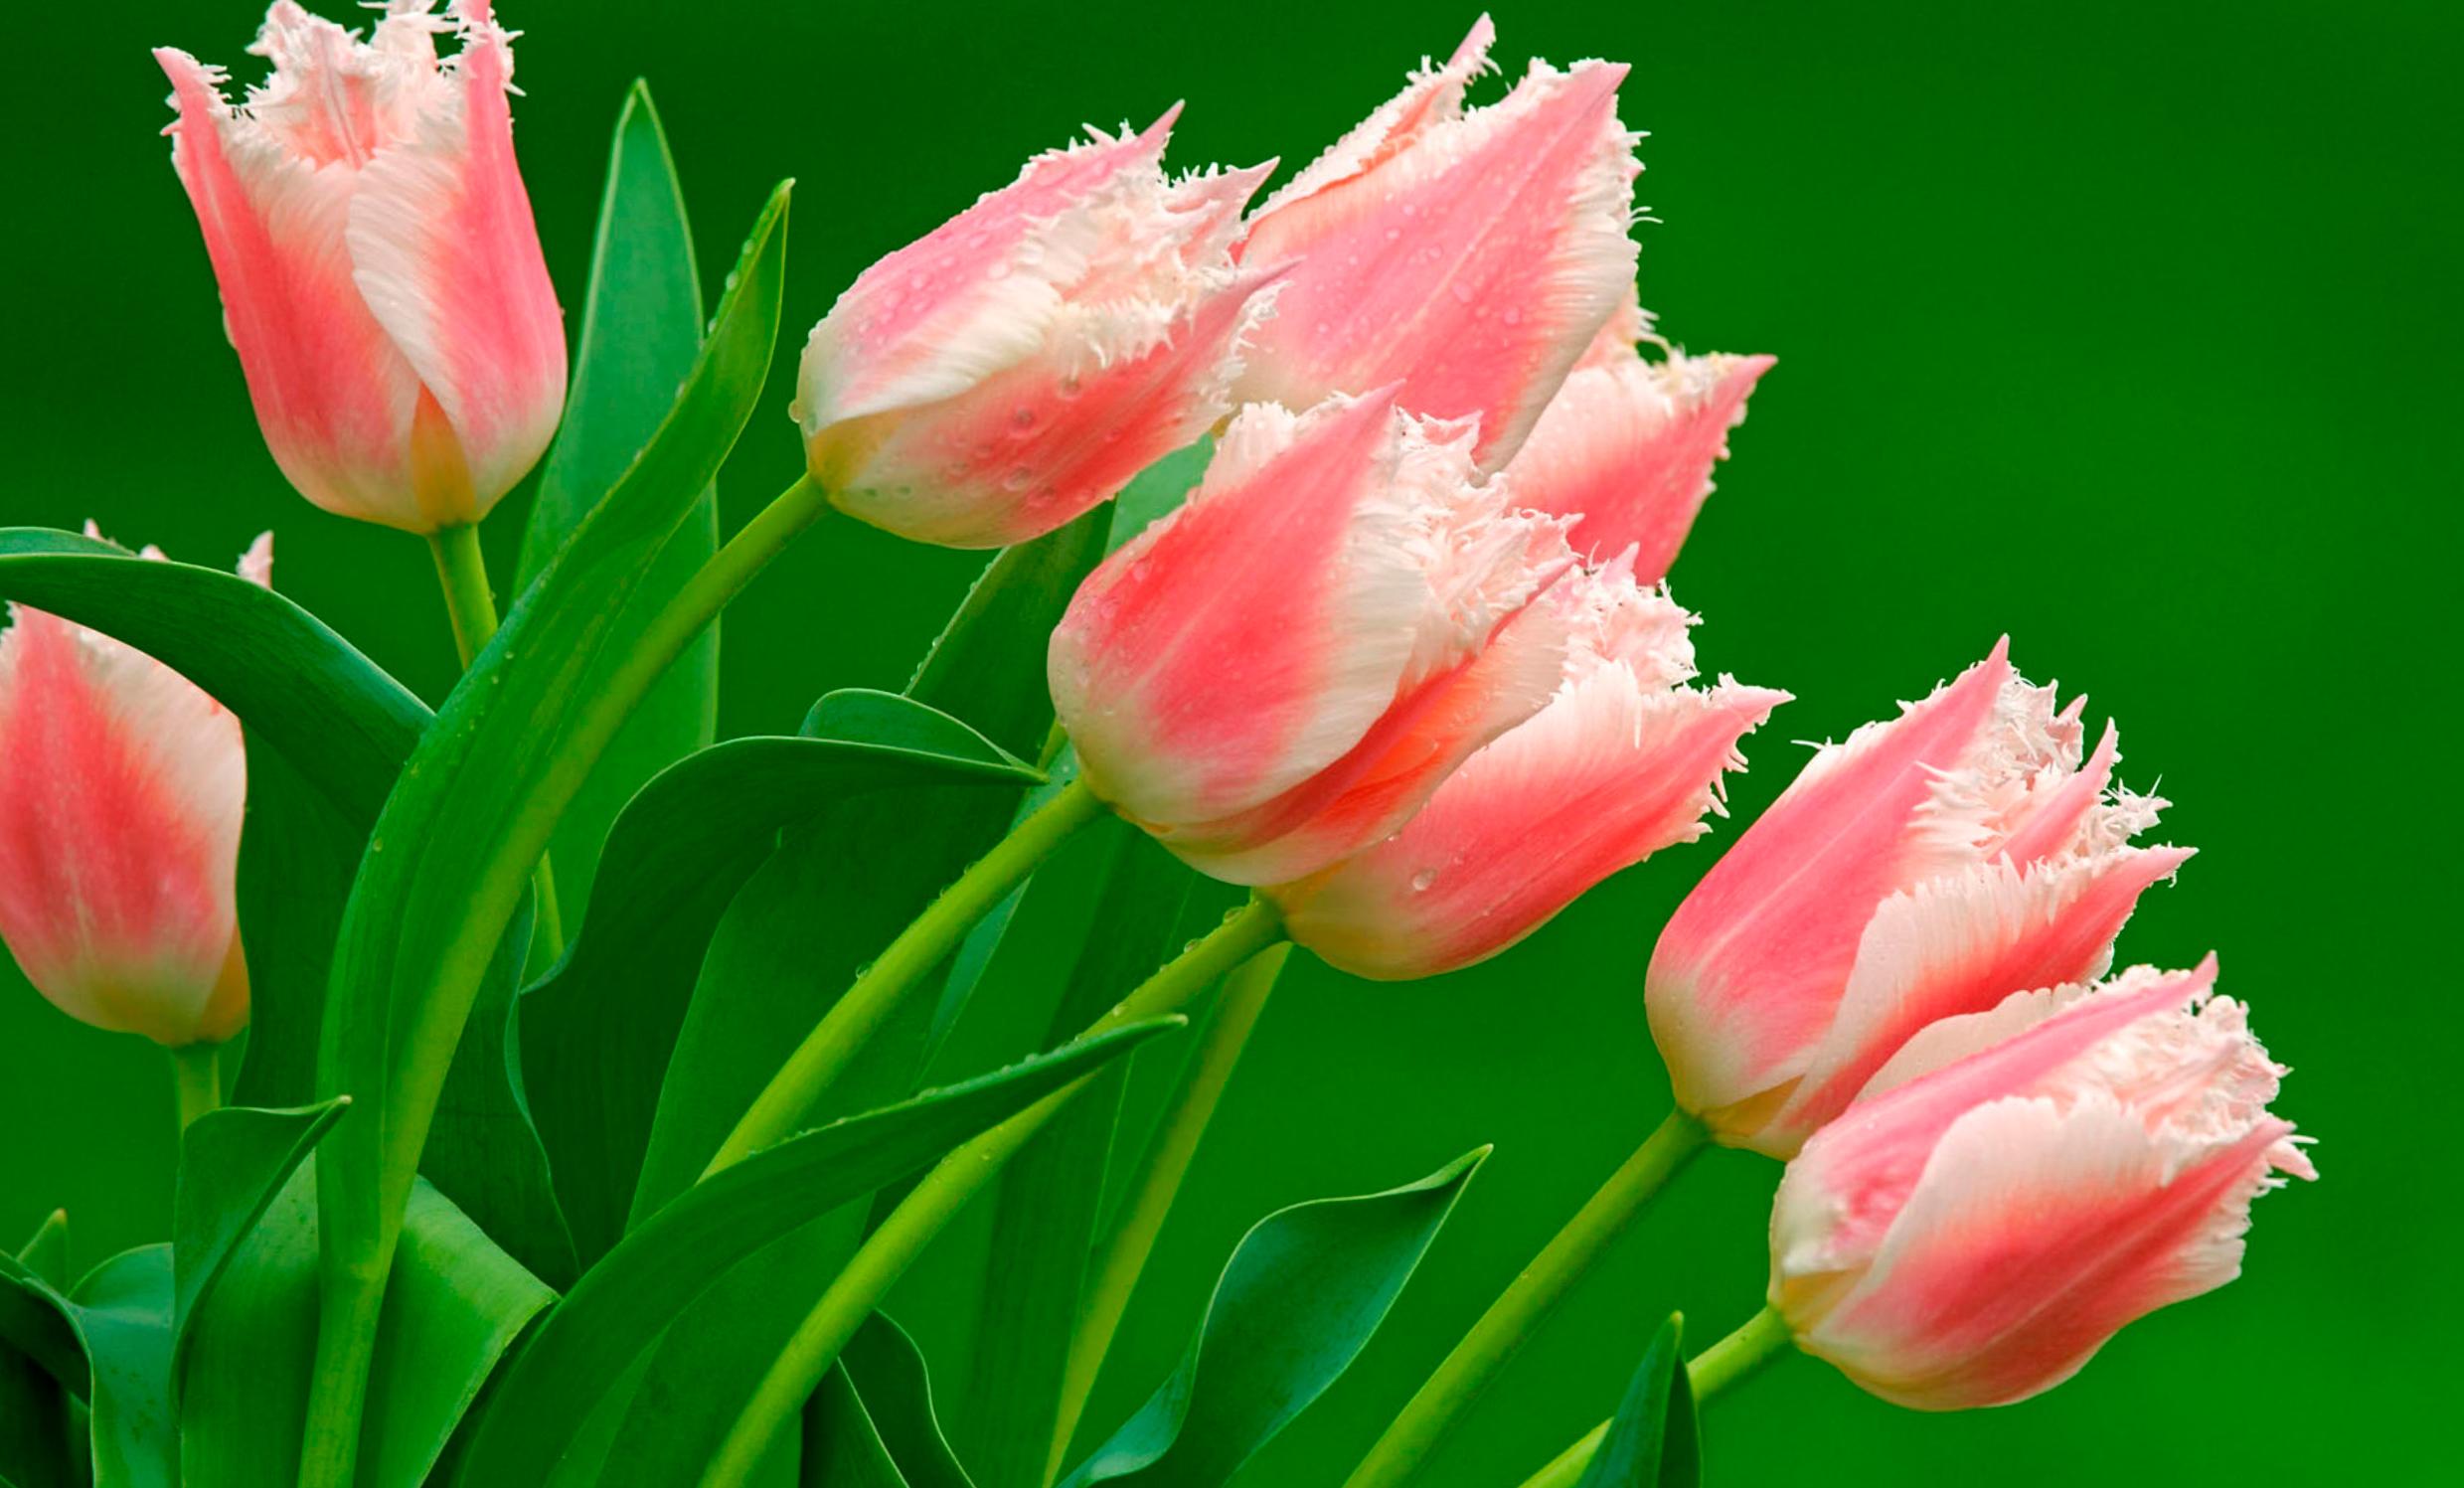 tulip-photo-126